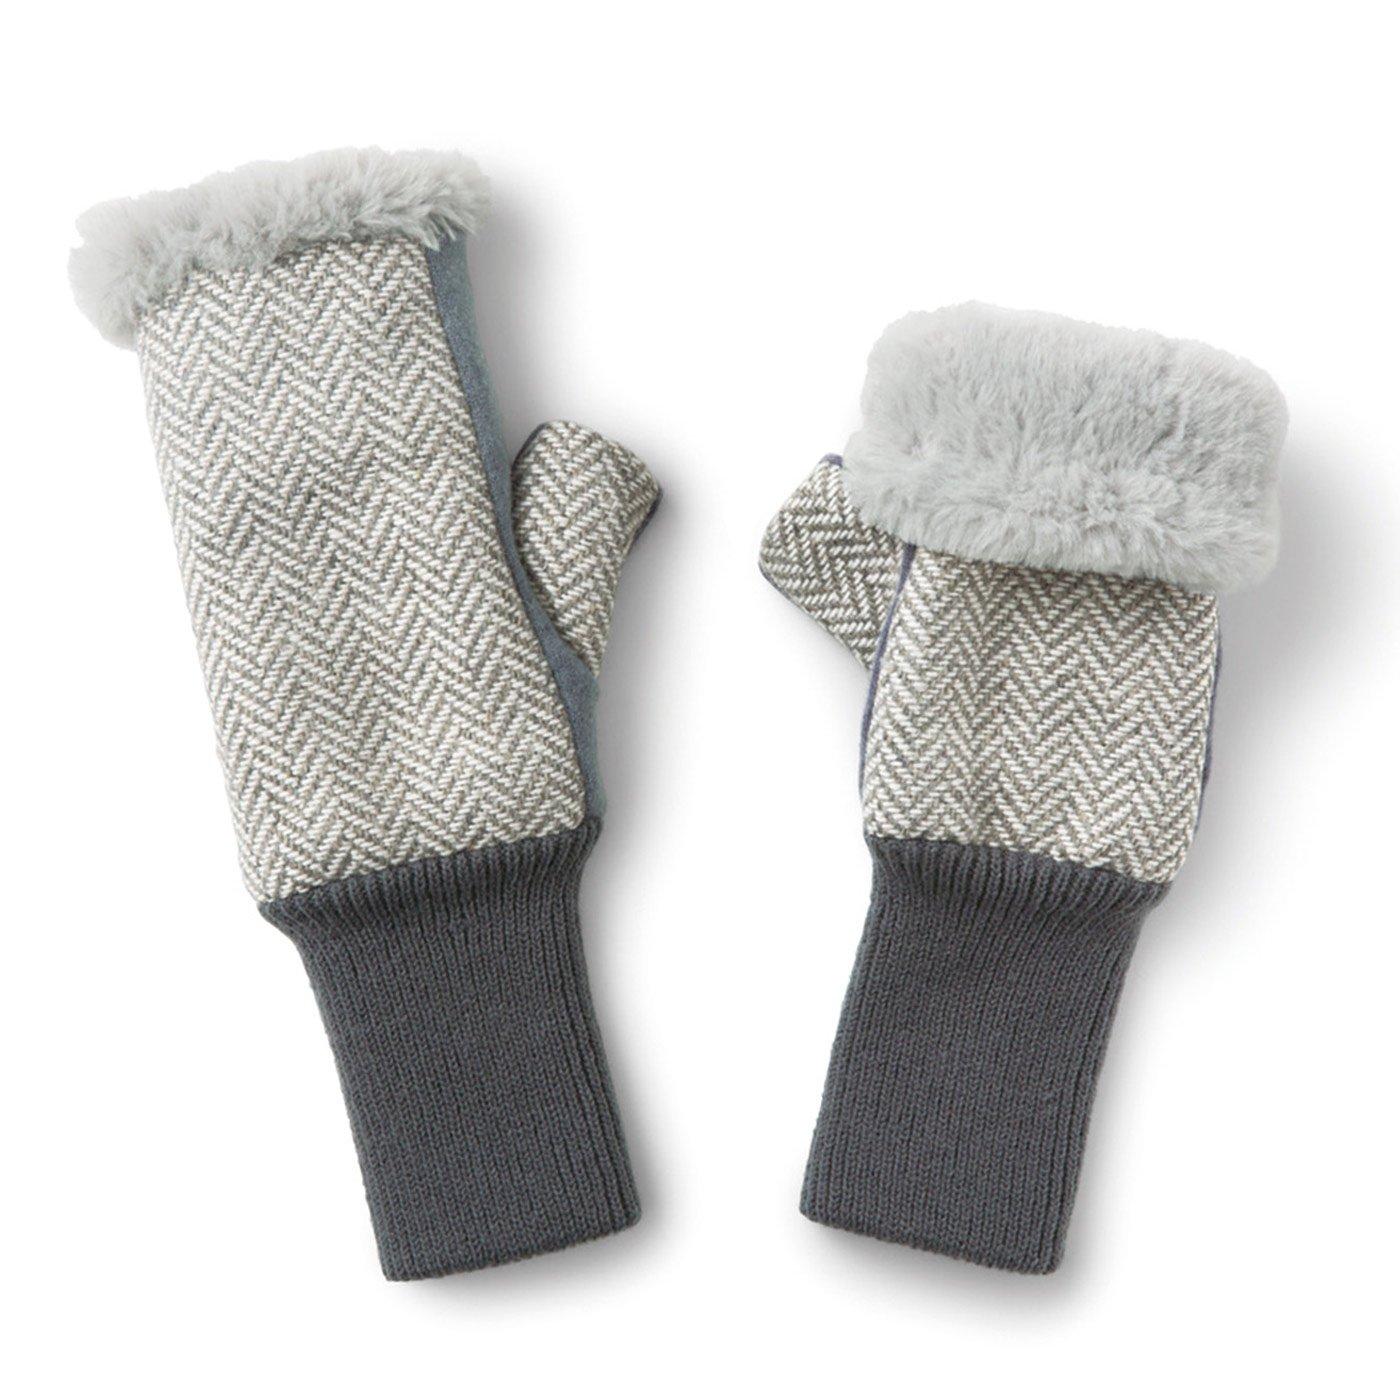 伸ばして指先までカバー! ファーとフリースが包み込む 暖かアームウォーマー